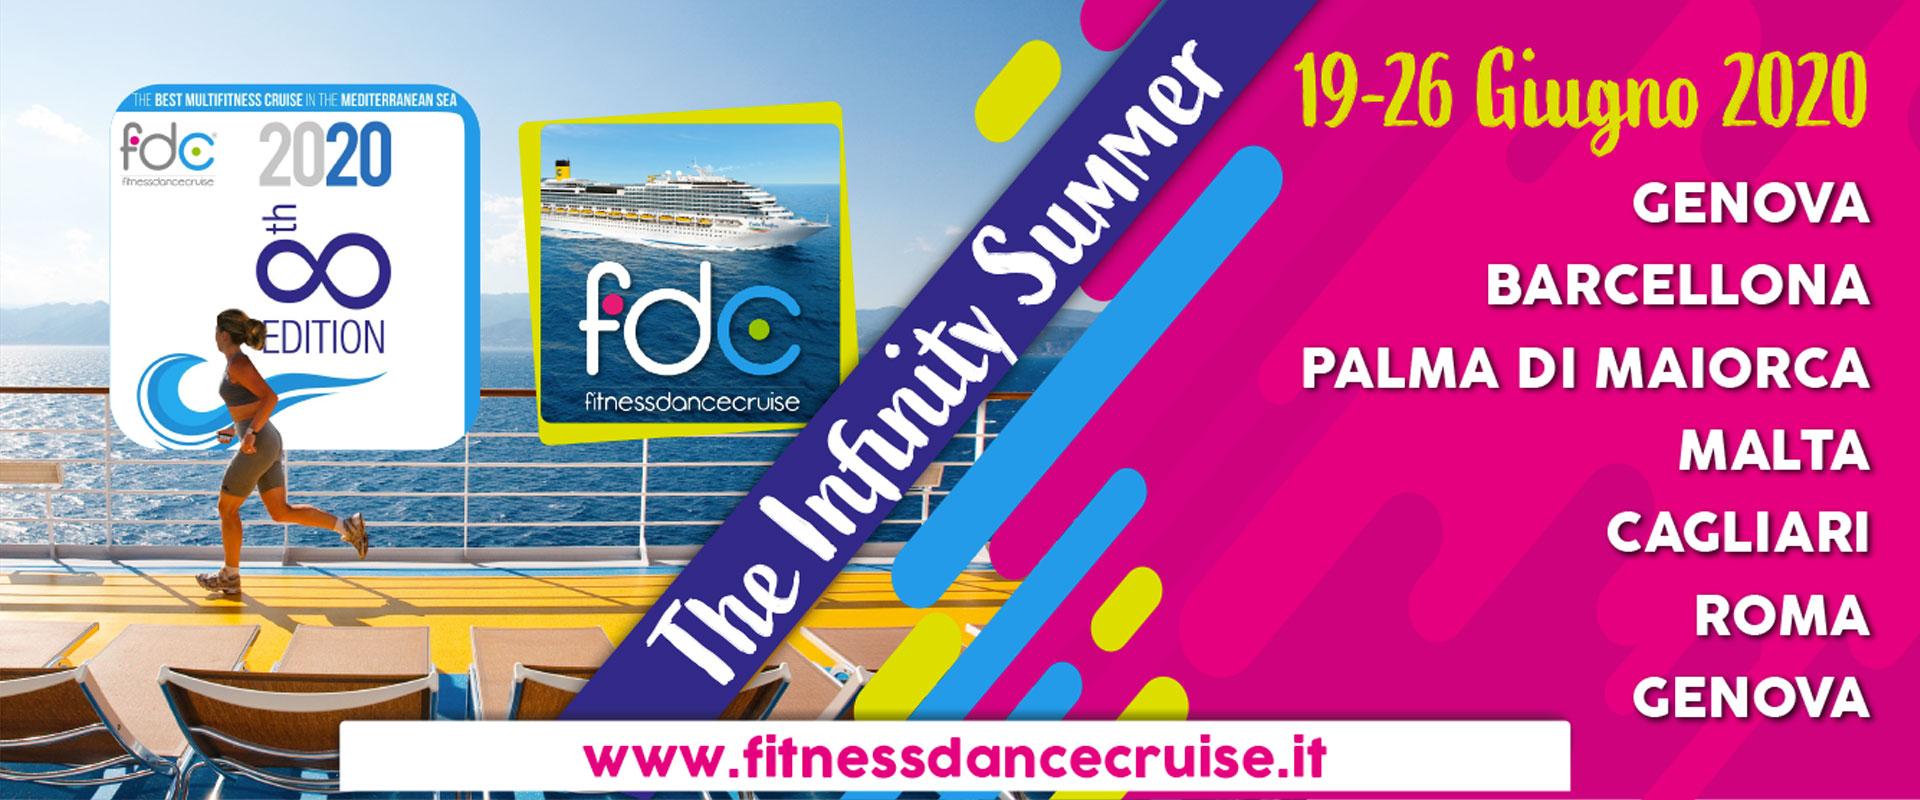 FDC2020 June 19-26, 2020, Genoa, Barcelona, Palma, Malta, Cagliari, Rome